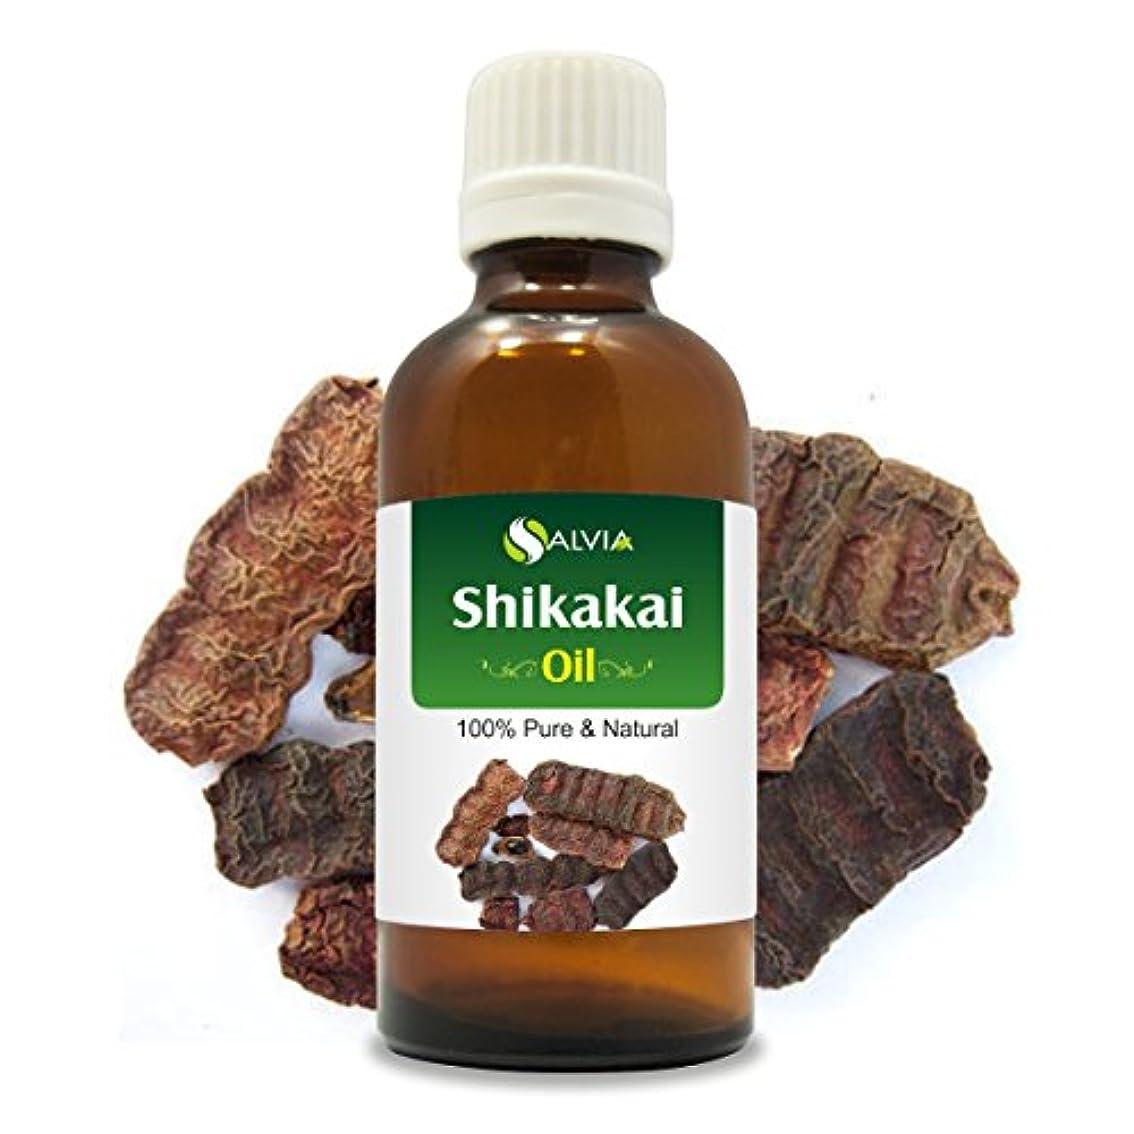 無力かりて浅いSHIKAKAI OIL 100% NATURAL PURE UNDILUTED UNCUT OIL 100ML